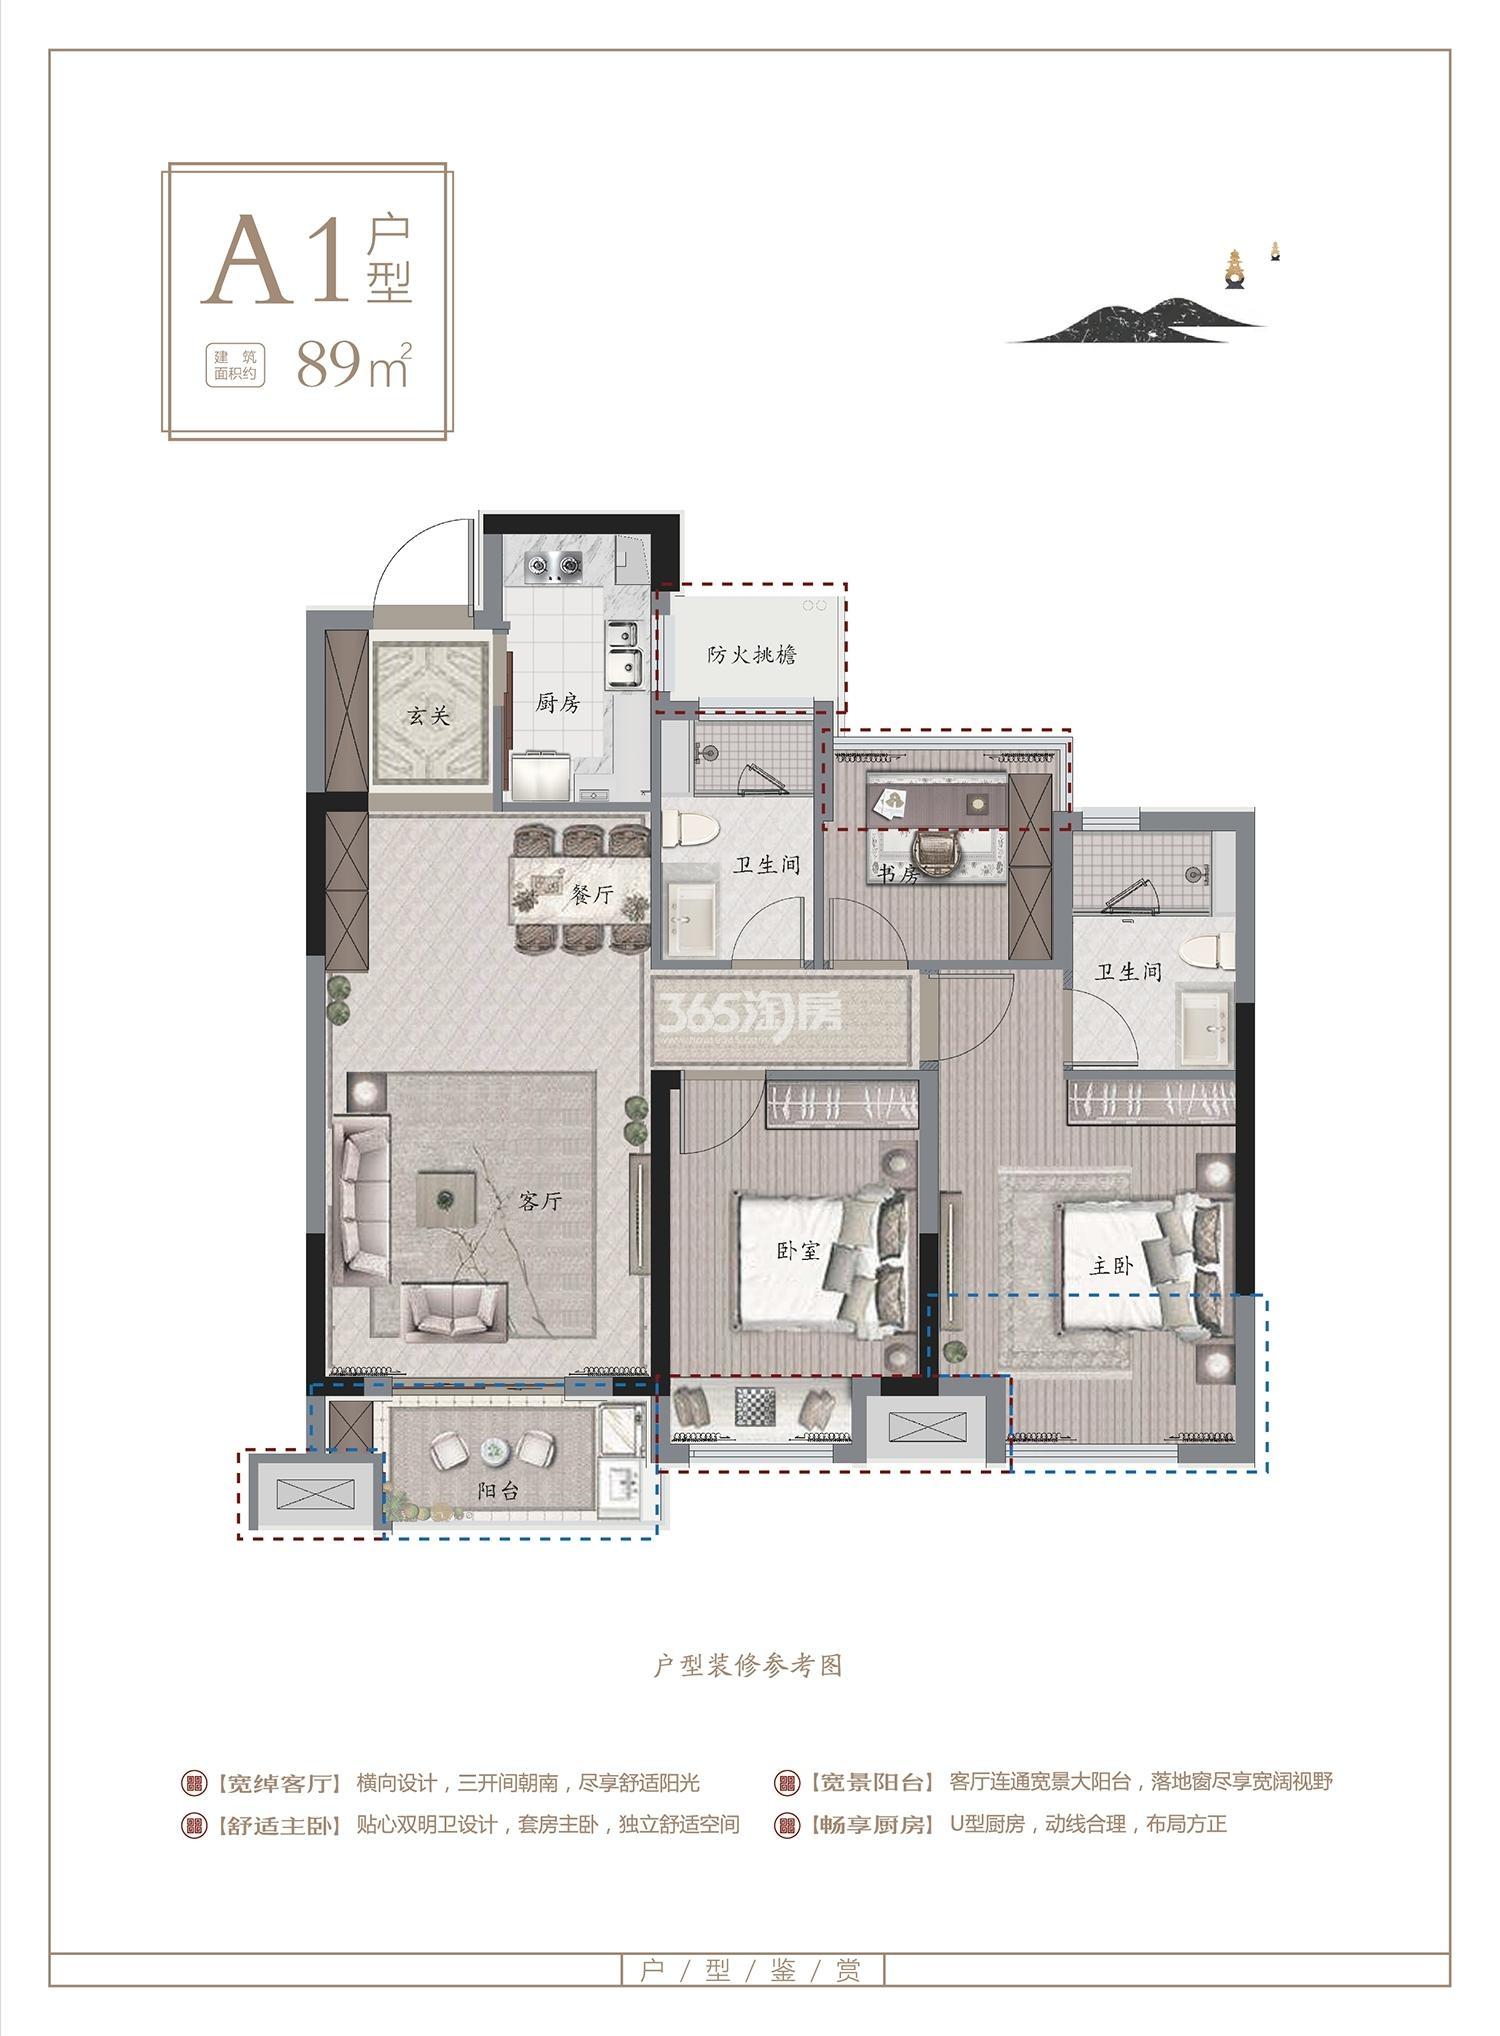 北城芳满庭高层10-25号楼中间套A1户型 约89㎡